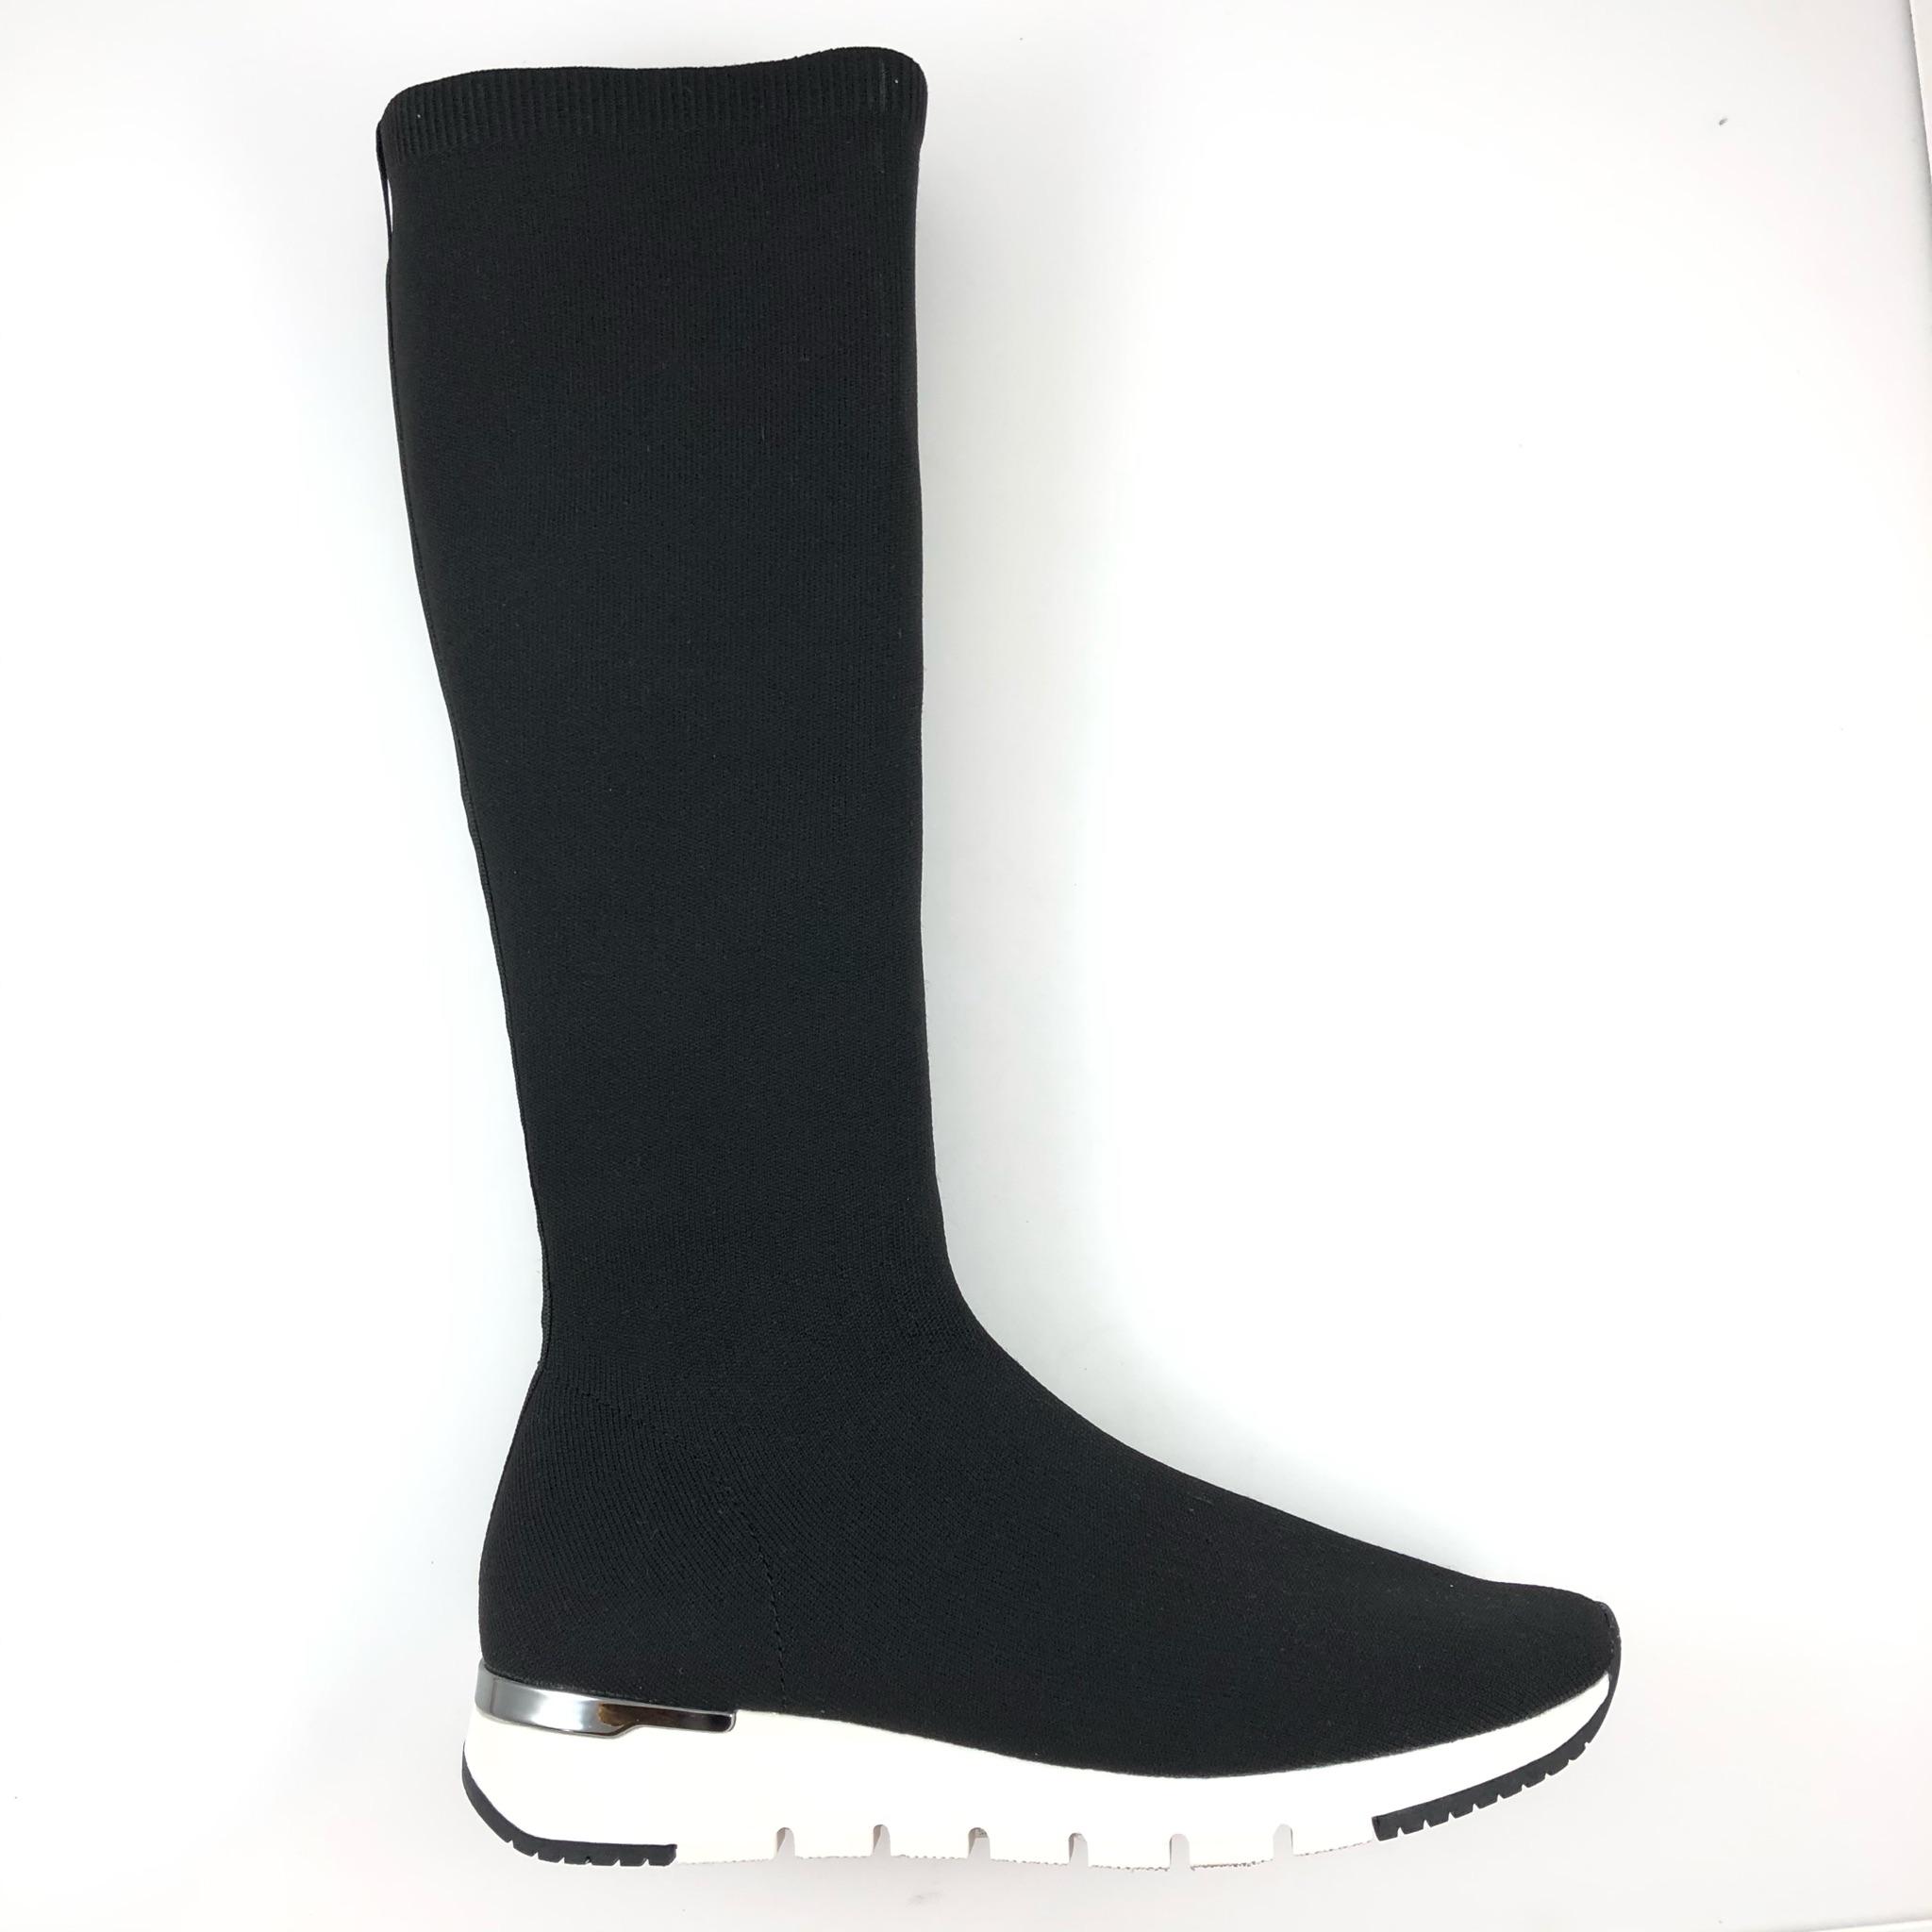 Botte chaussette noire Caprice